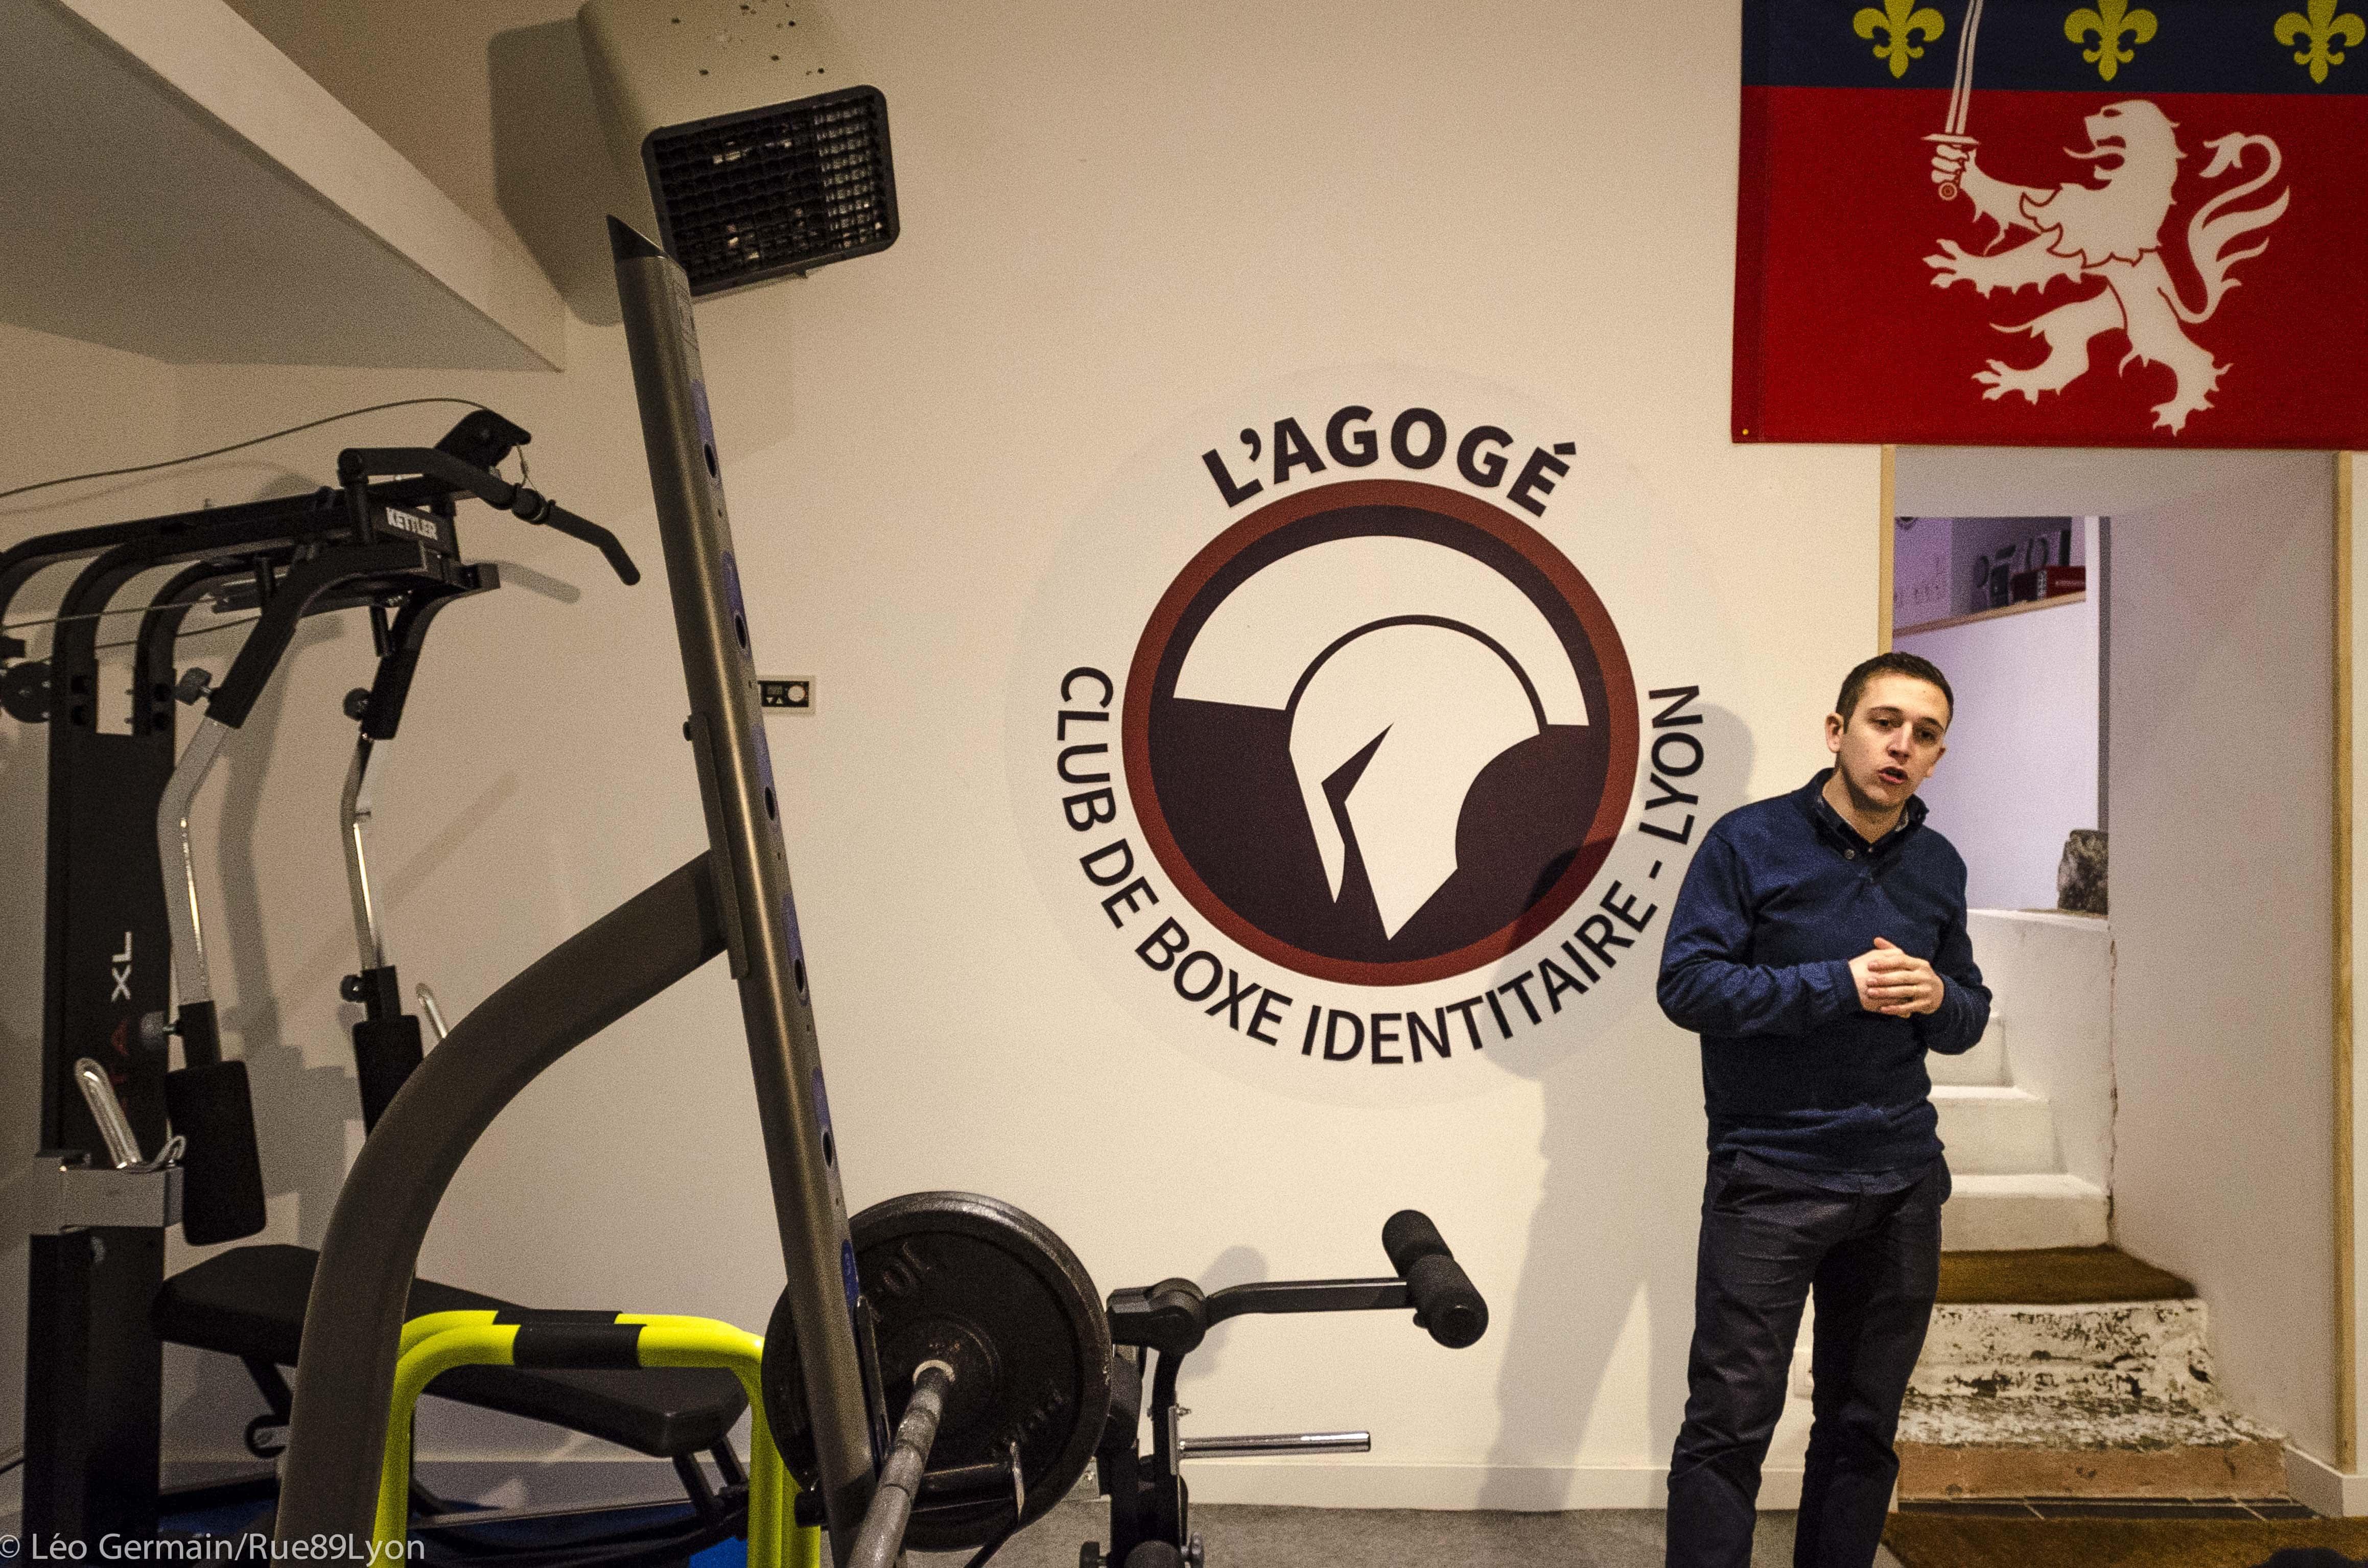 Conférence de presse à l'Agogé, club de boxe identitaire le 27 janvier 2017 à Lyon ©Léo Germain/Rue89Lyon.